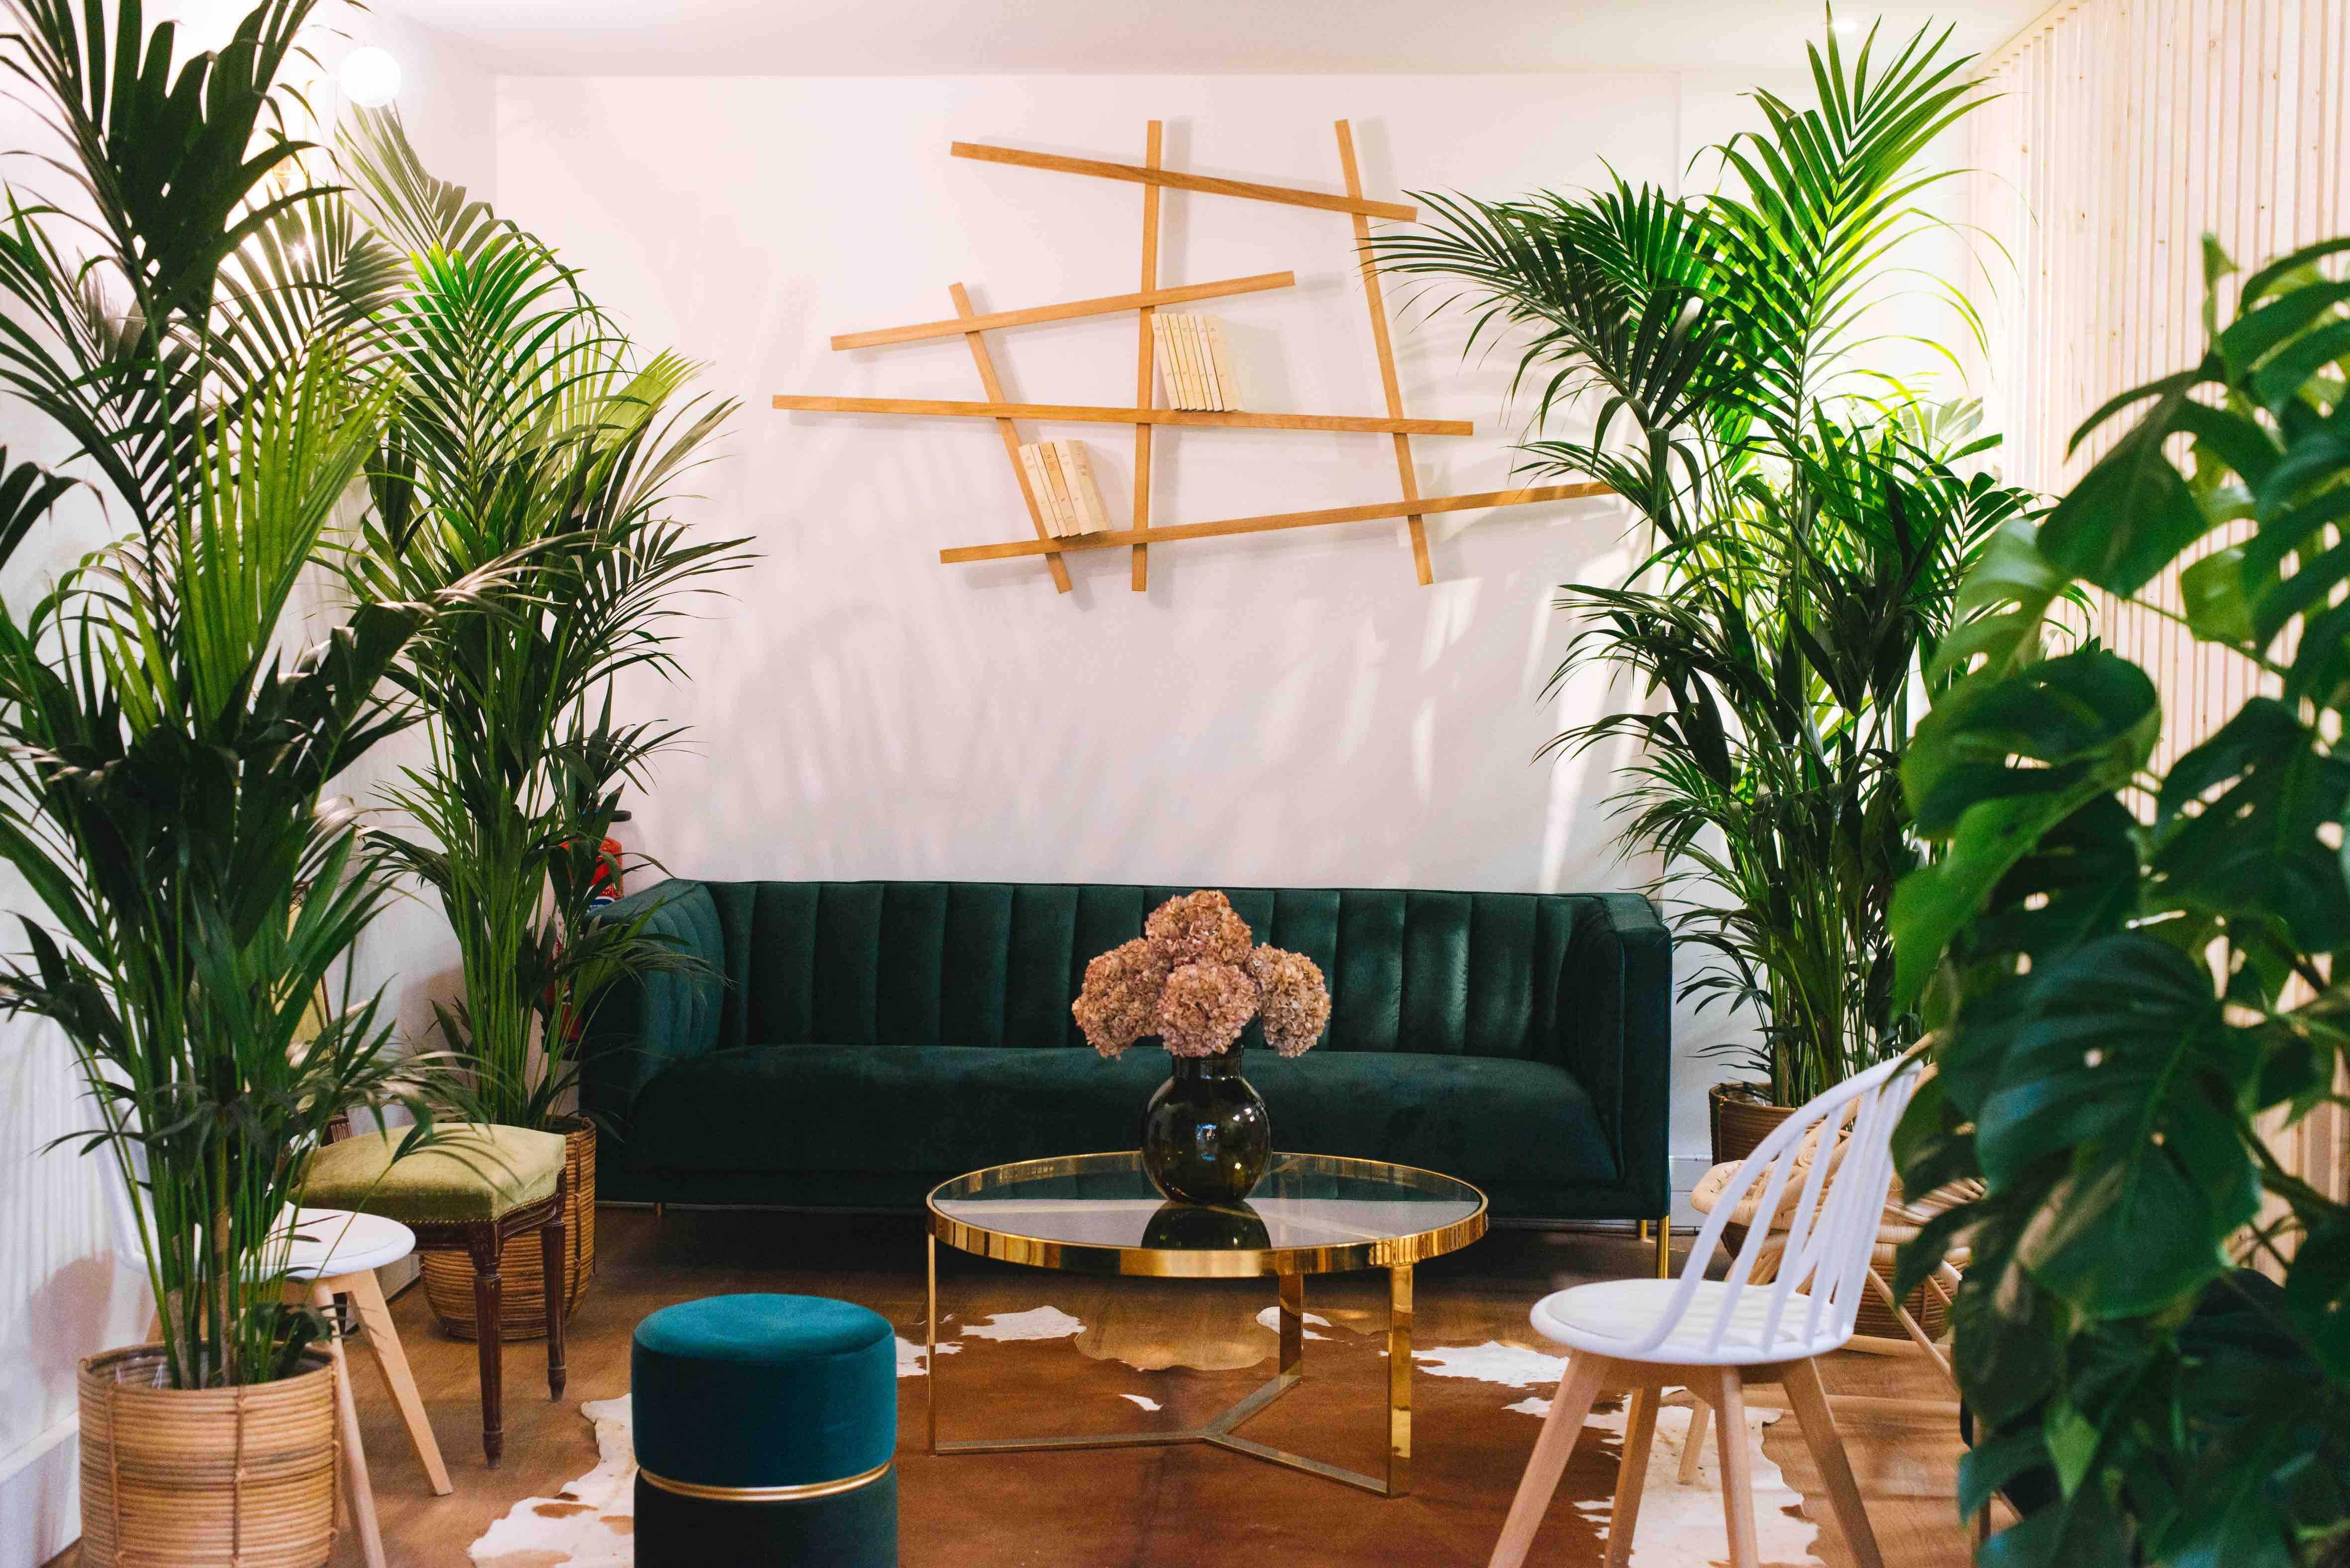 végétalisation bureau paris plantes jungle